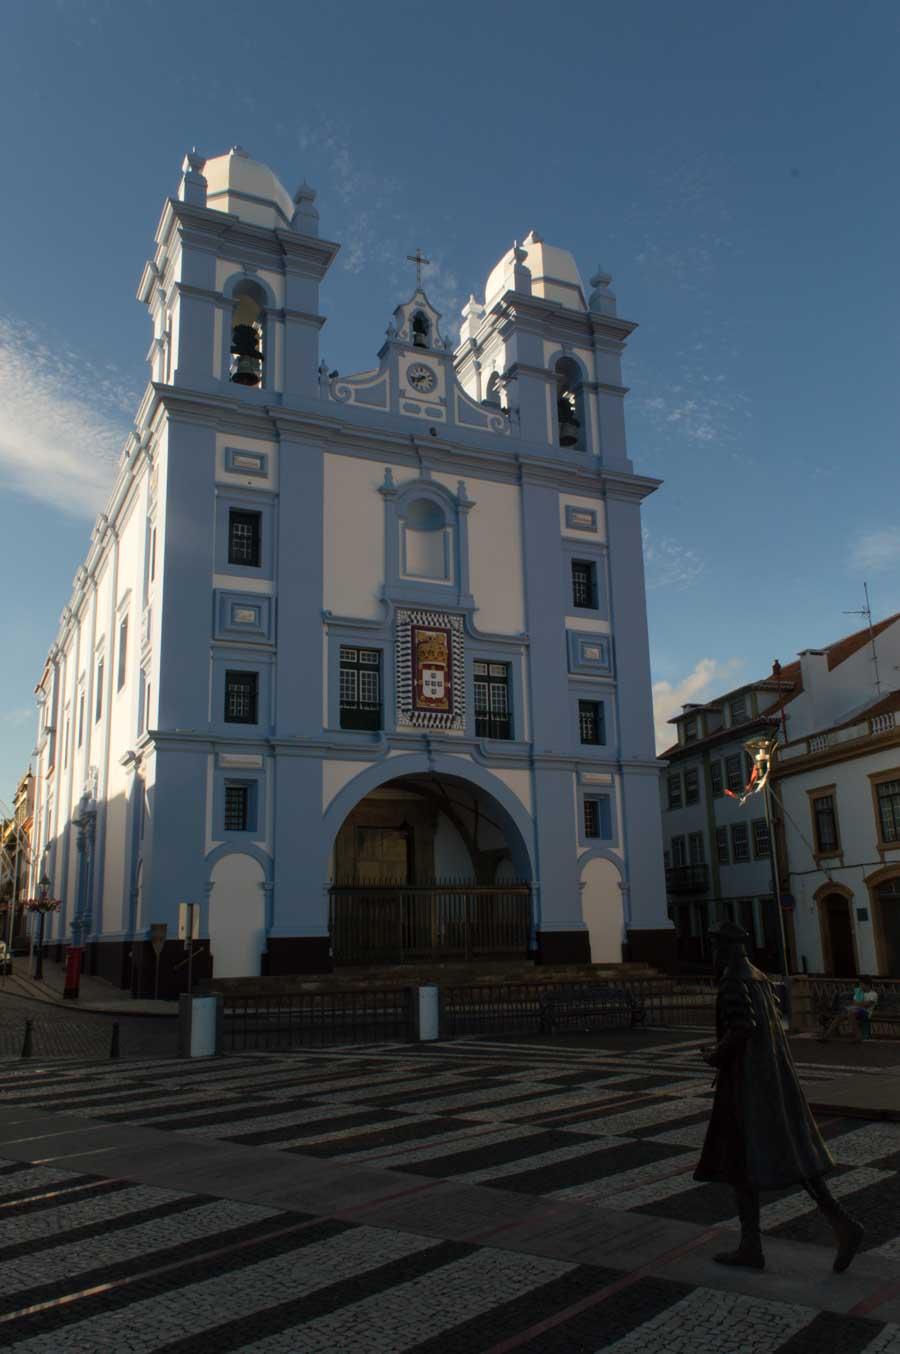 Uno de los paseos más interesantes es desde la plaza central hasta el muelle, donde te encuentras la Iglesia de la Misericordia